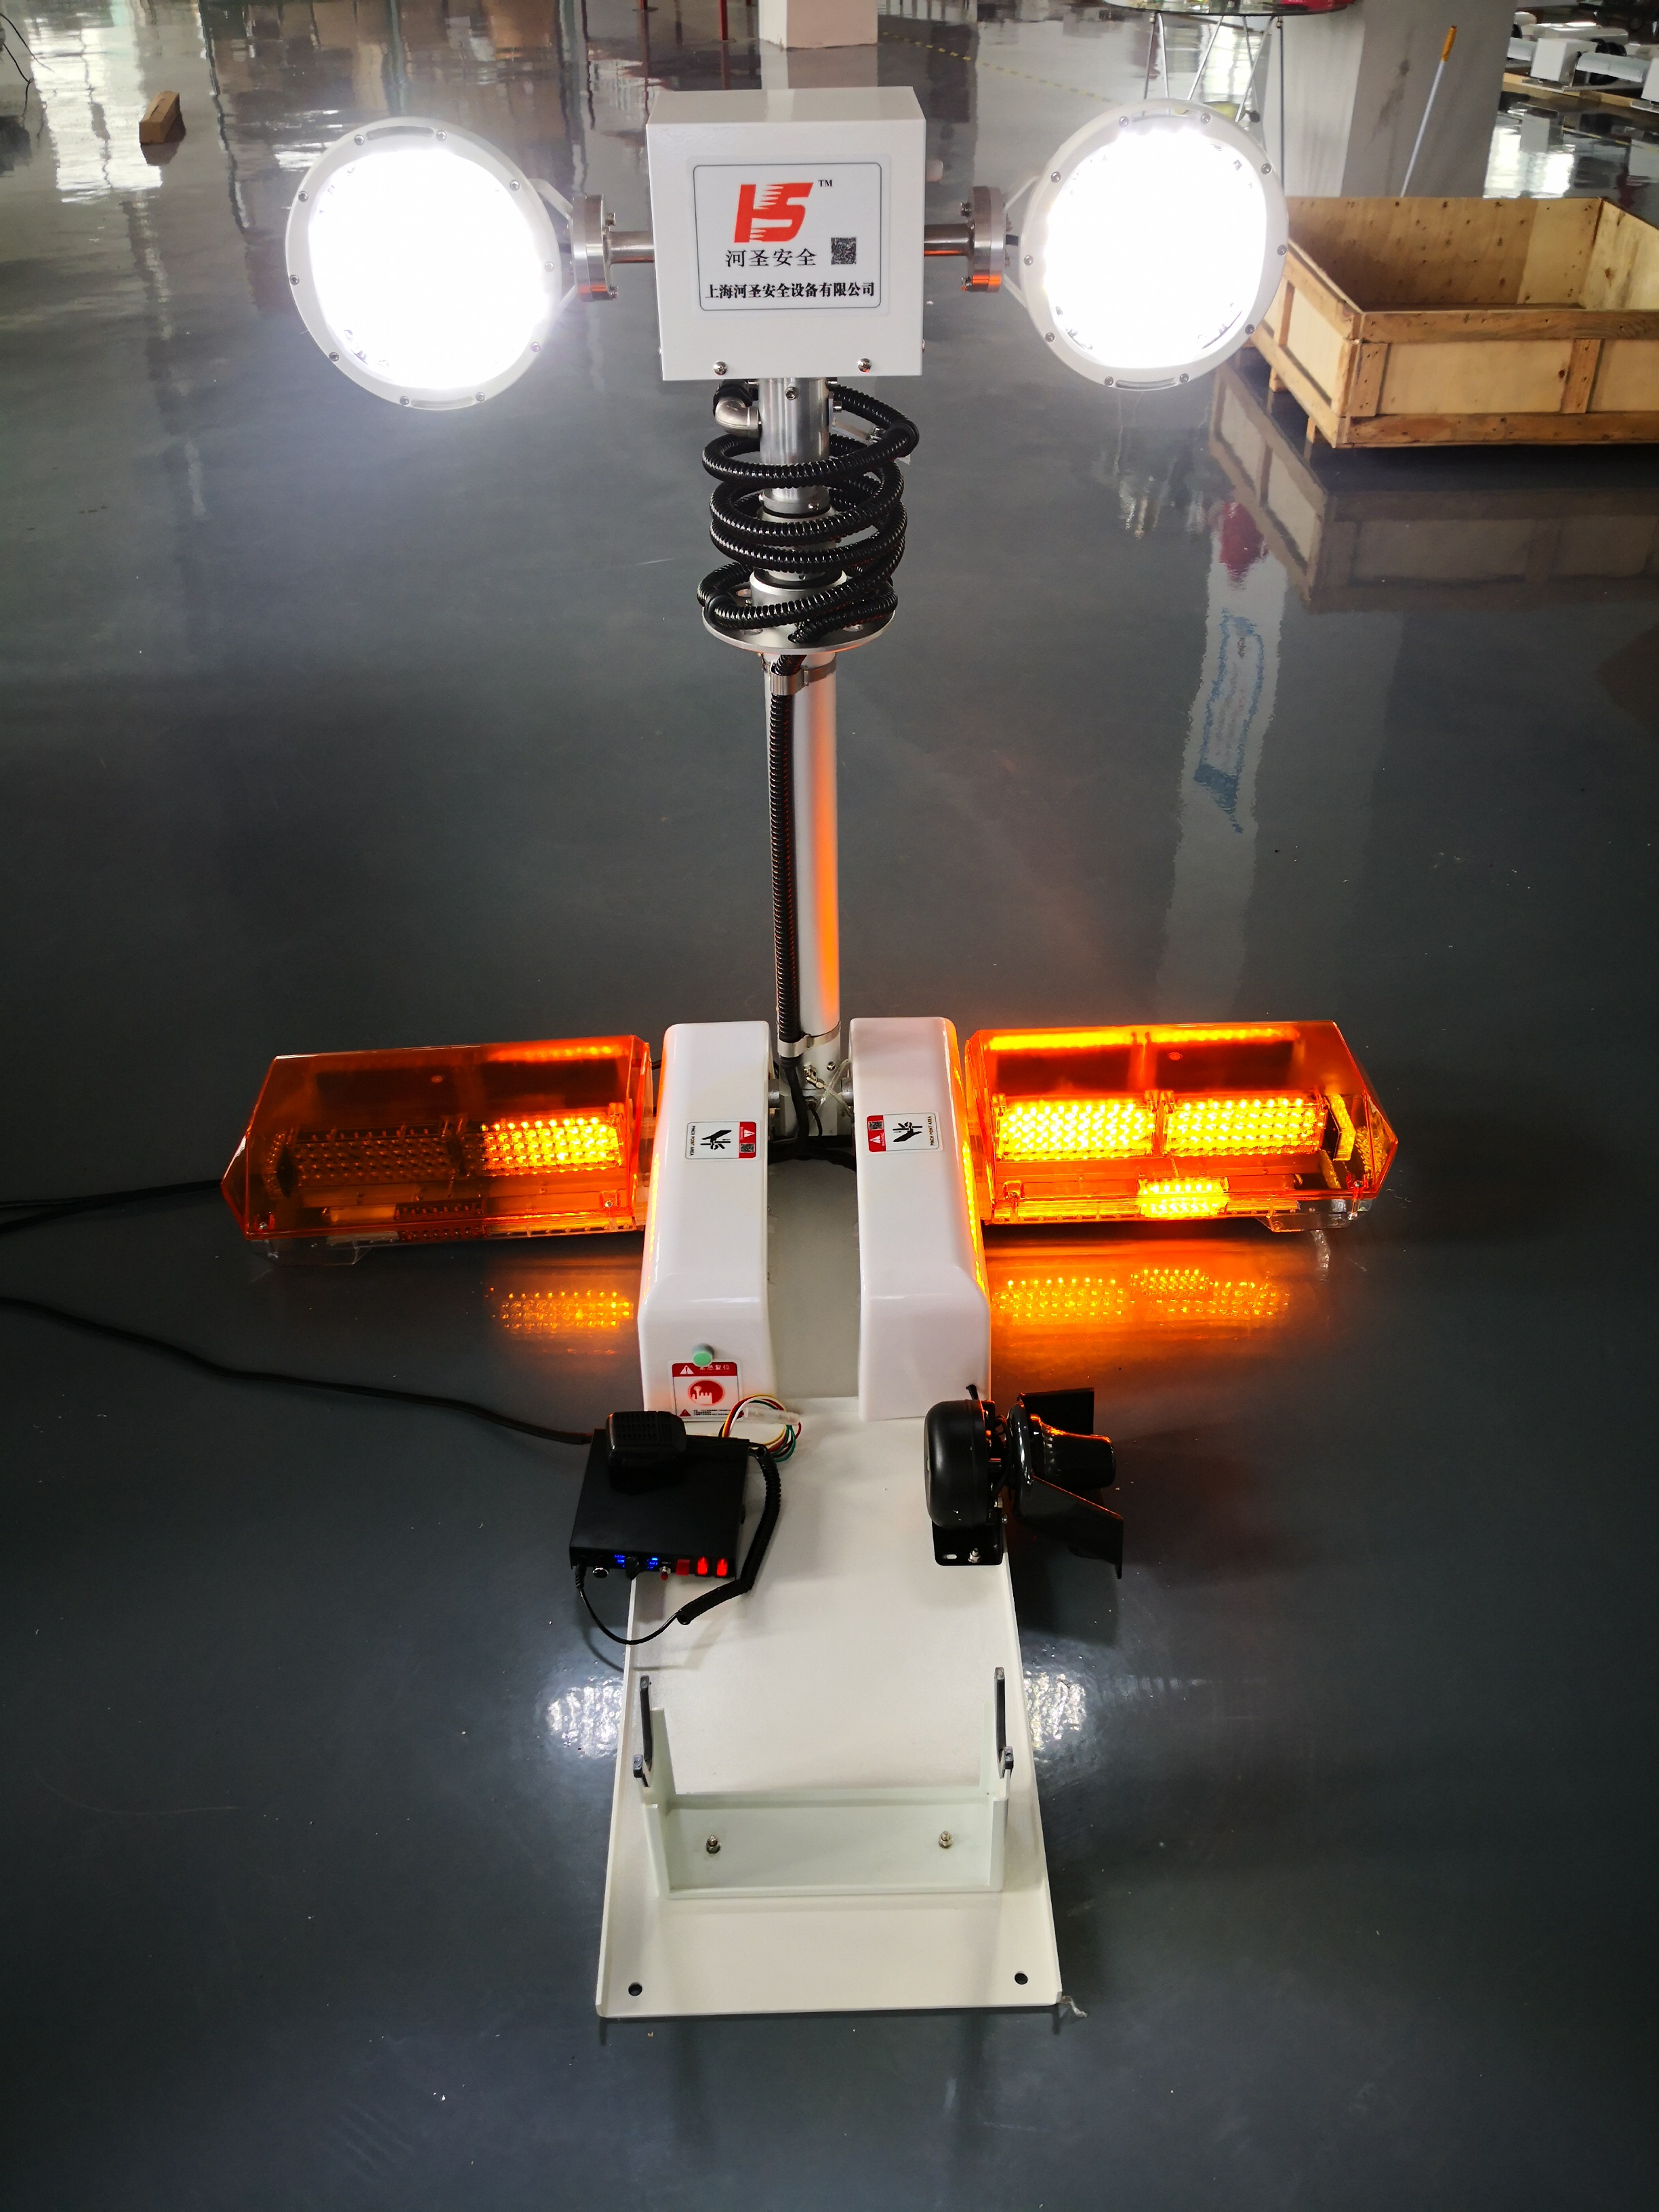 河聖牌 一體化升降照明燈 車載顯示照明設備廠家89279822